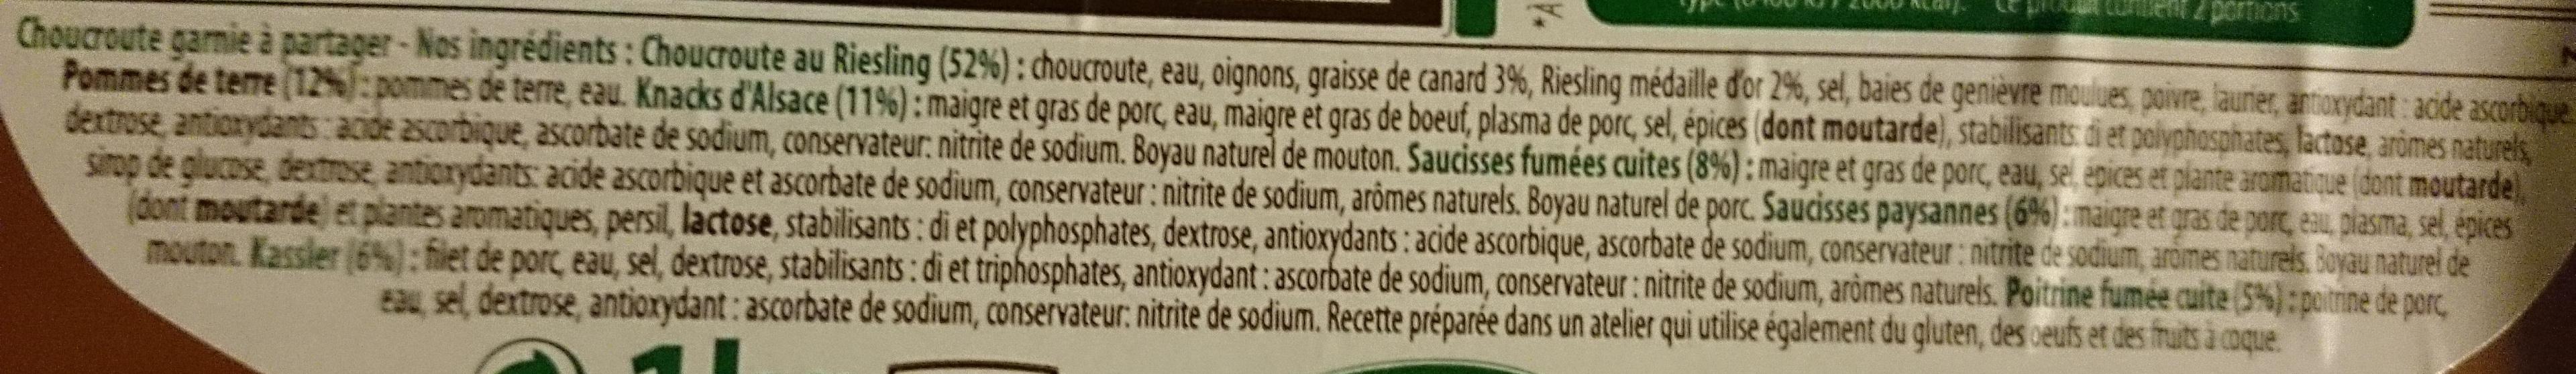 La Choucroute du temps retrouvé - Ingrédients - fr